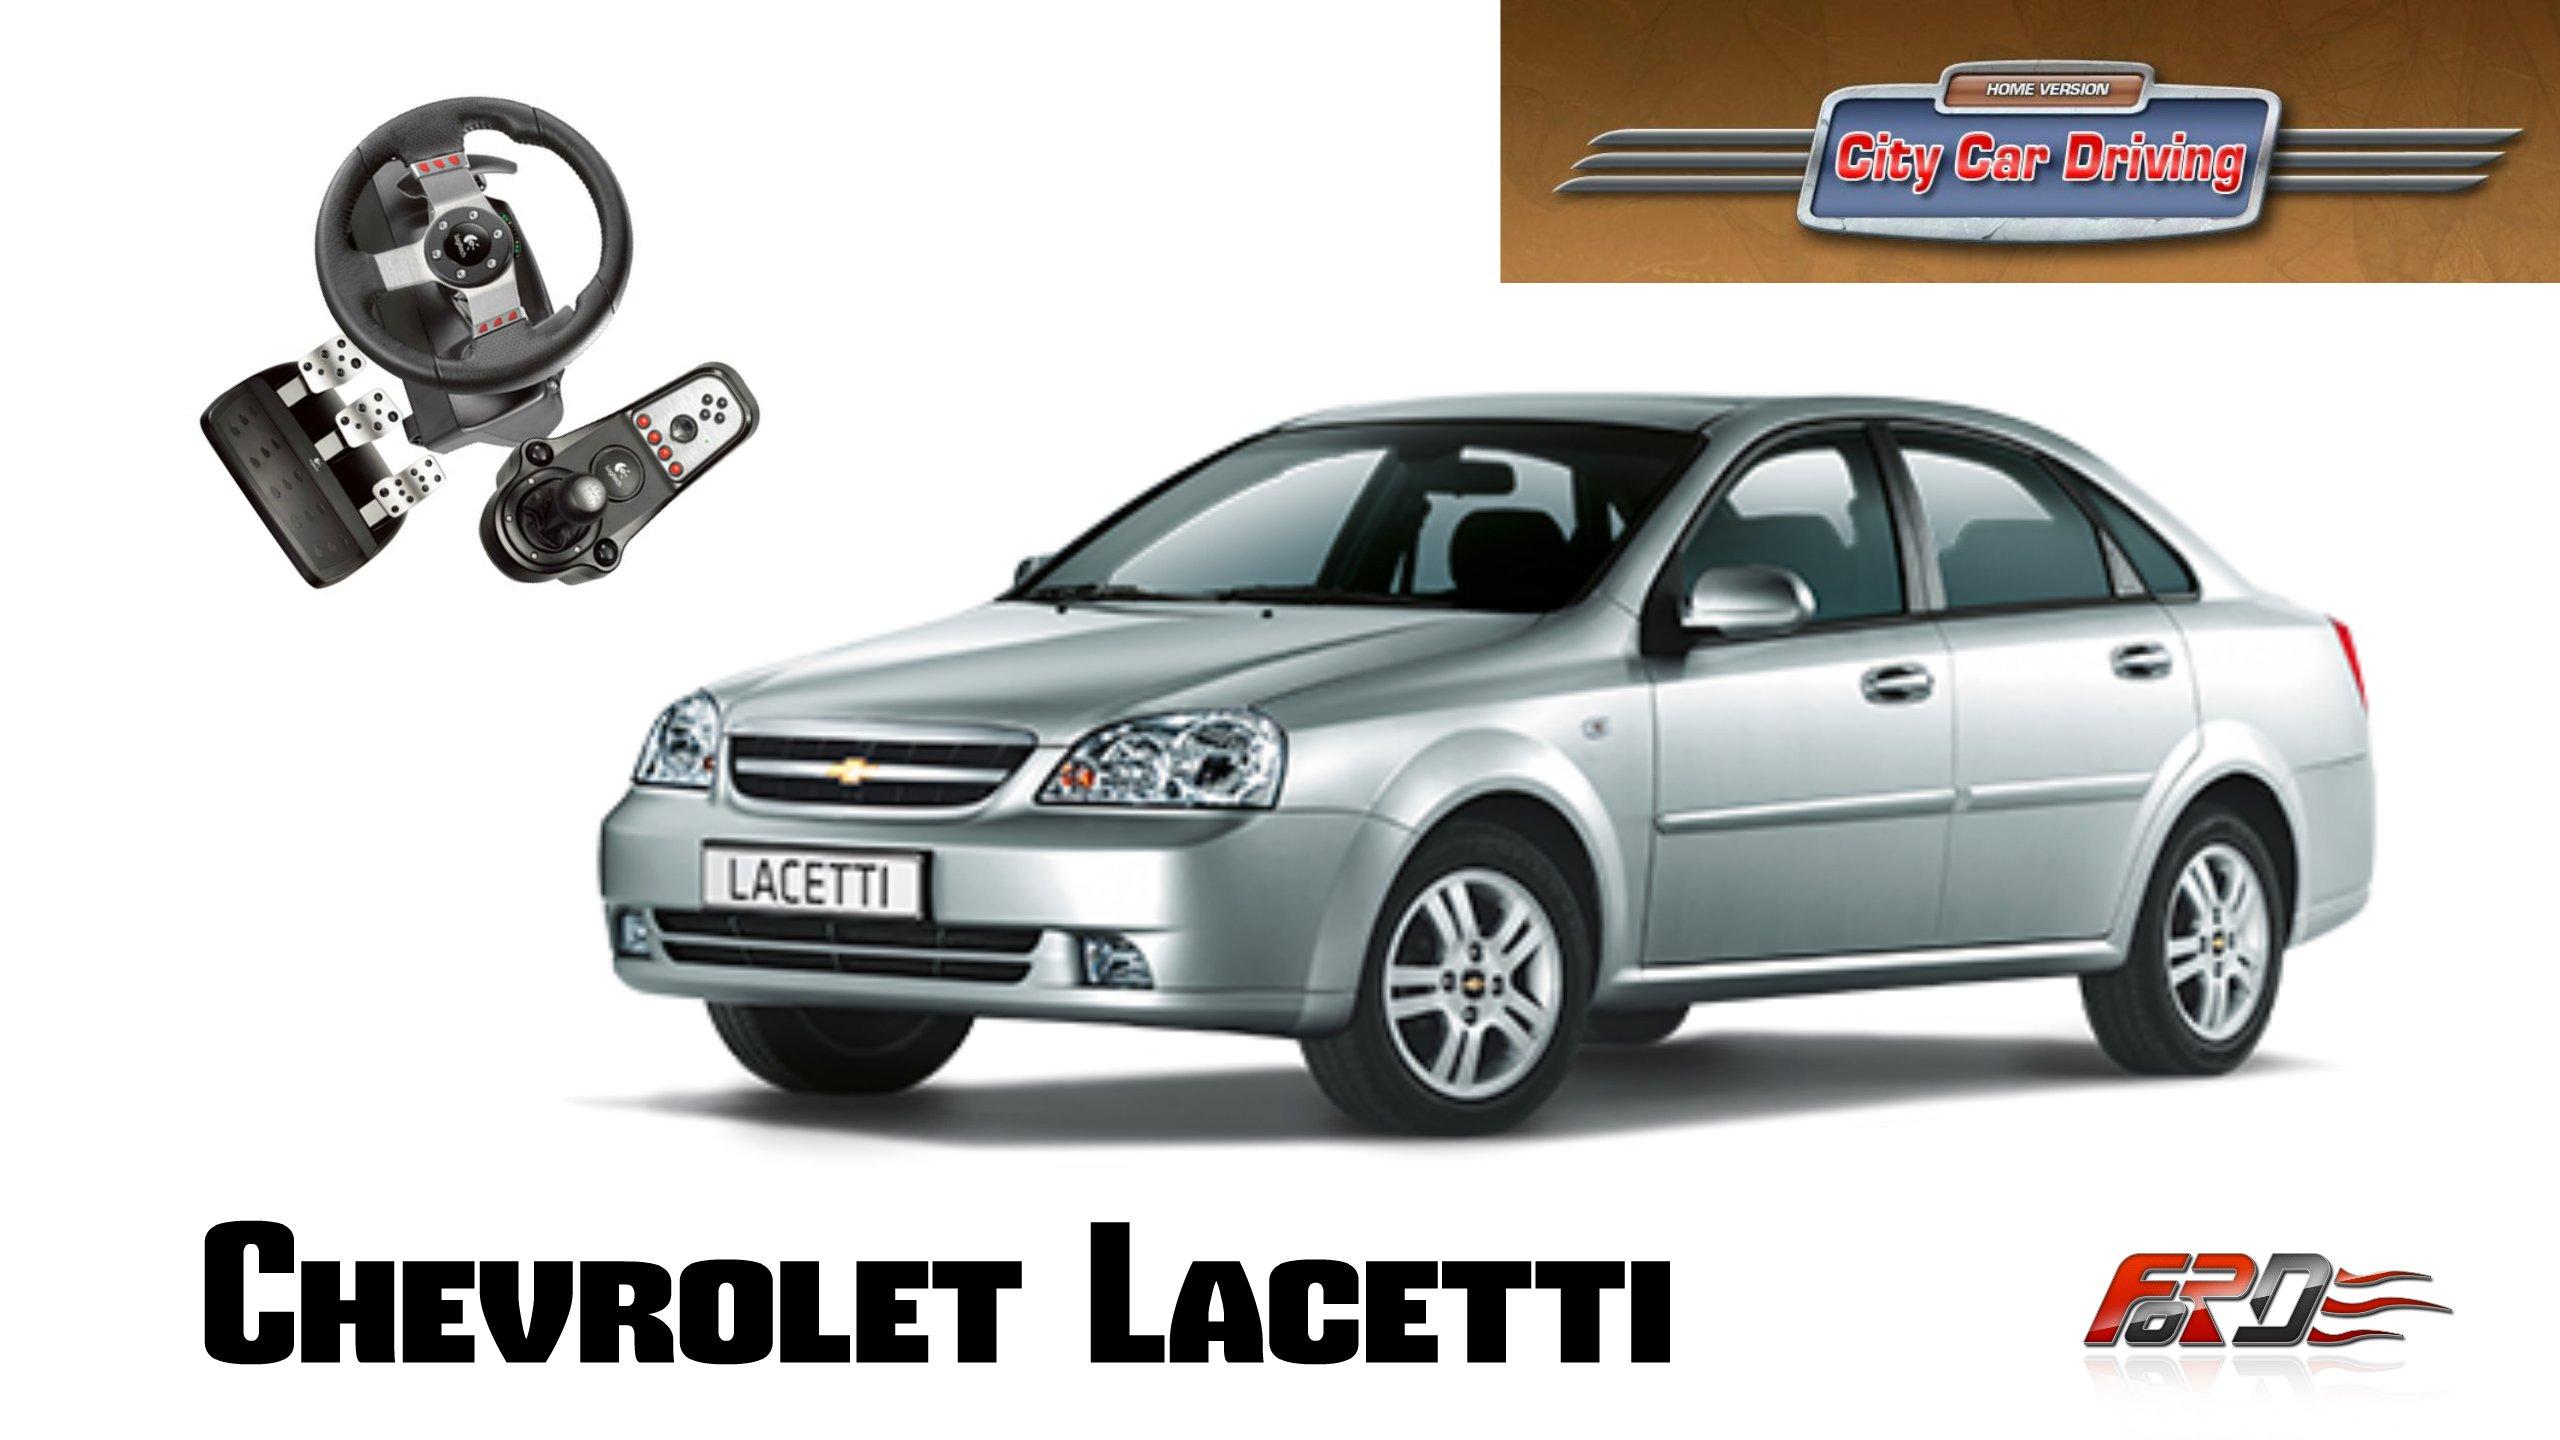 Chevrolet Lacetti тест-драйв, обзор, разгон и динамика зимой в City Car Driving  - Изображение 1